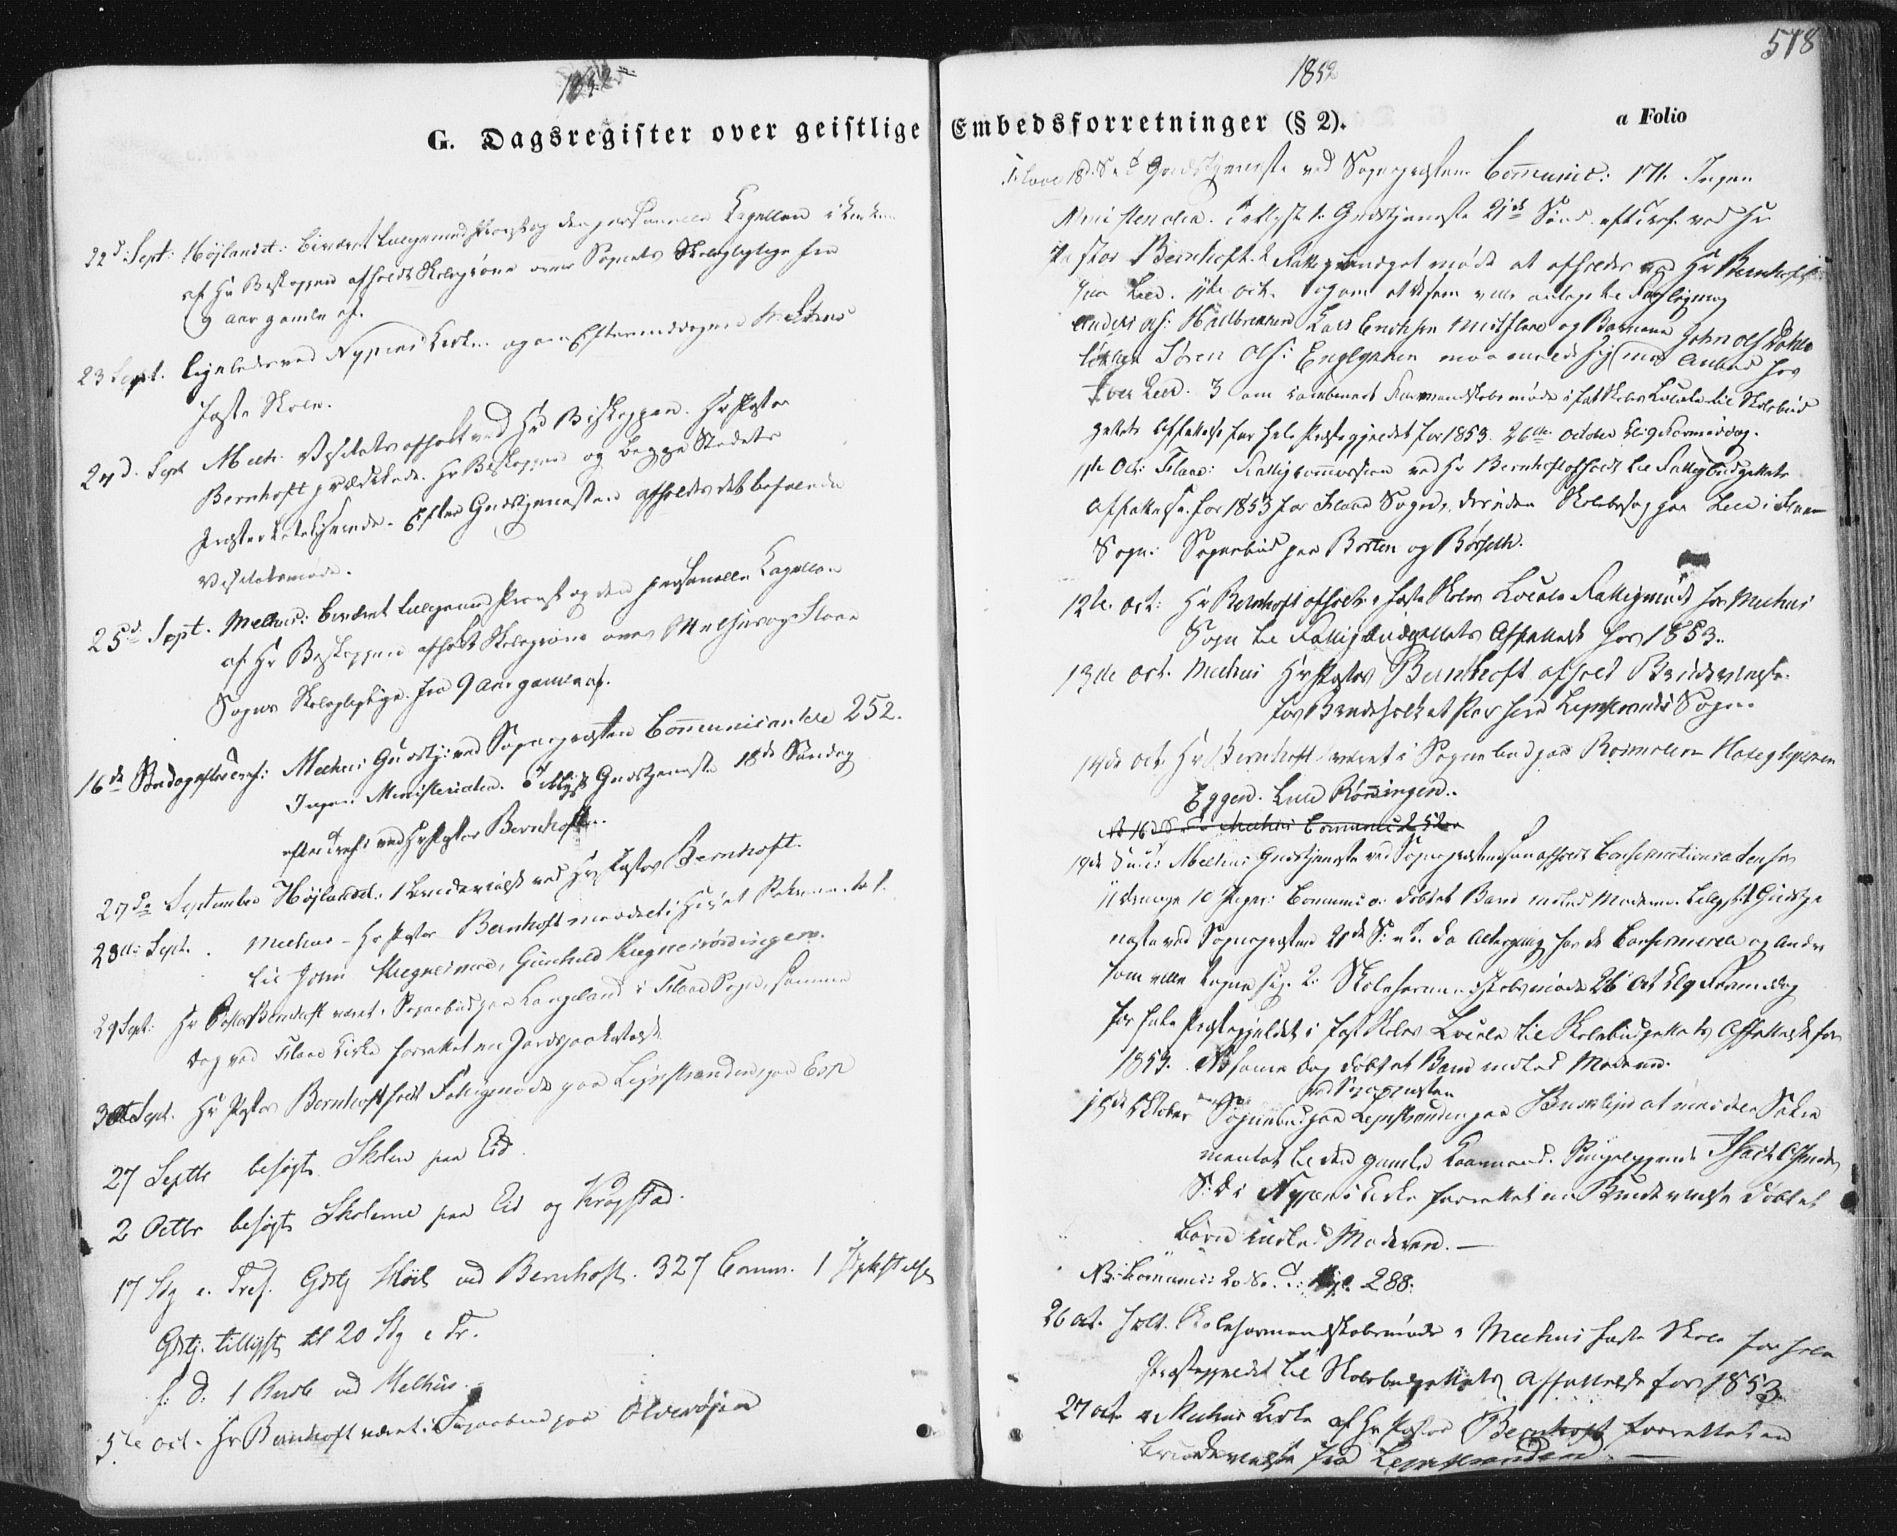 SAT, Ministerialprotokoller, klokkerbøker og fødselsregistre - Sør-Trøndelag, 691/L1076: Ministerialbok nr. 691A08, 1852-1861, s. 518